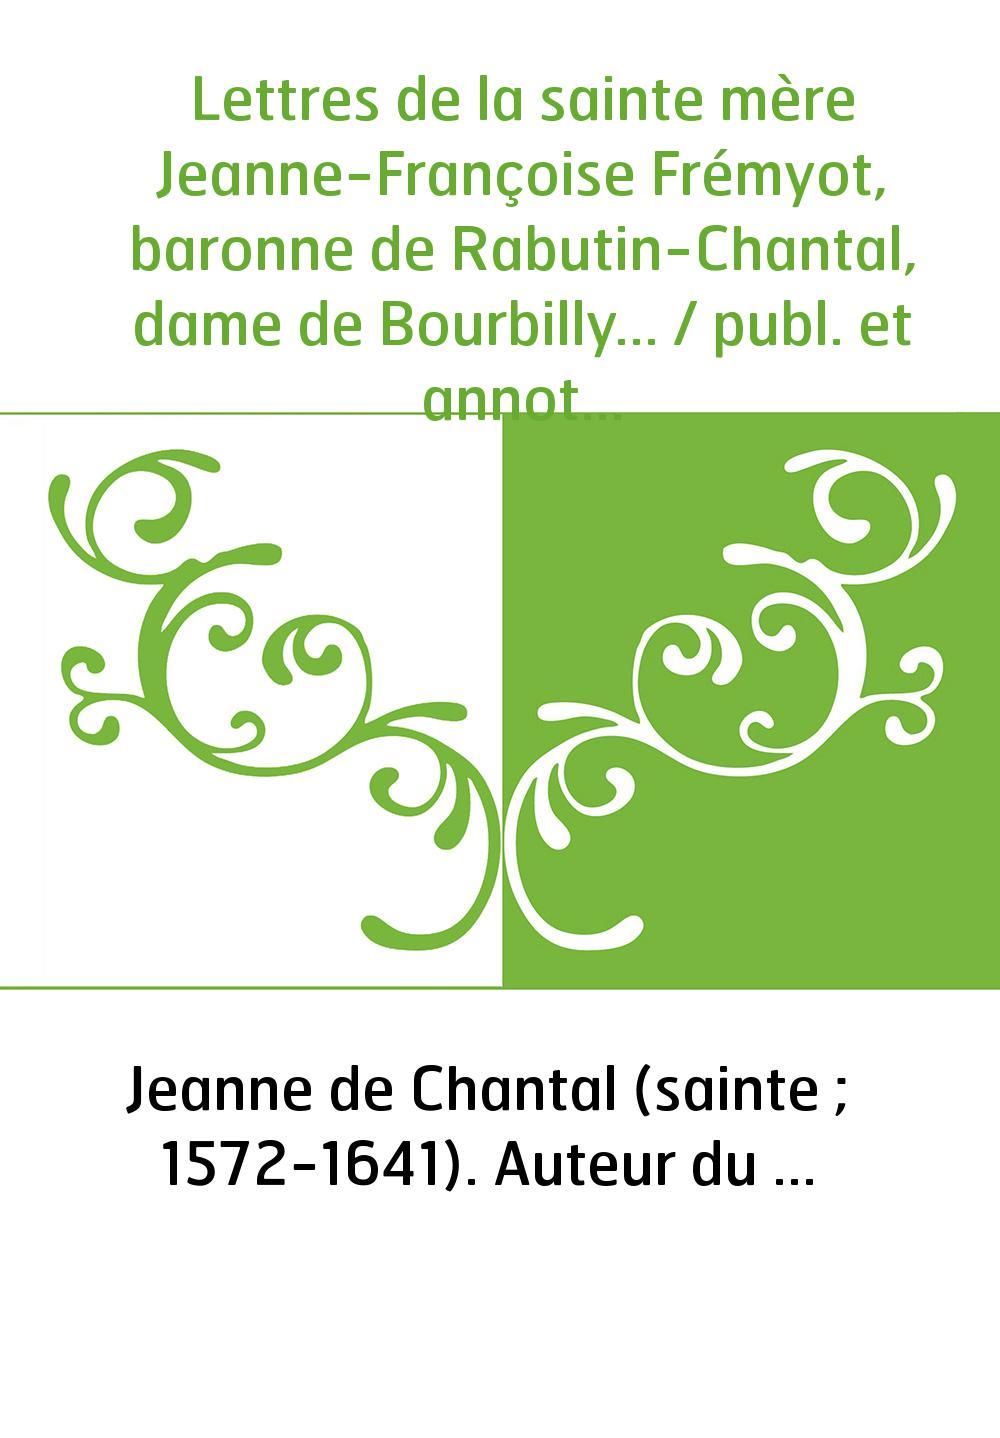 Lettres de la sainte mère Jeanne-Françoise Frémyot, baronne de Rabutin-Chantal, dame de Bourbilly... / publ. et annotées par Édo